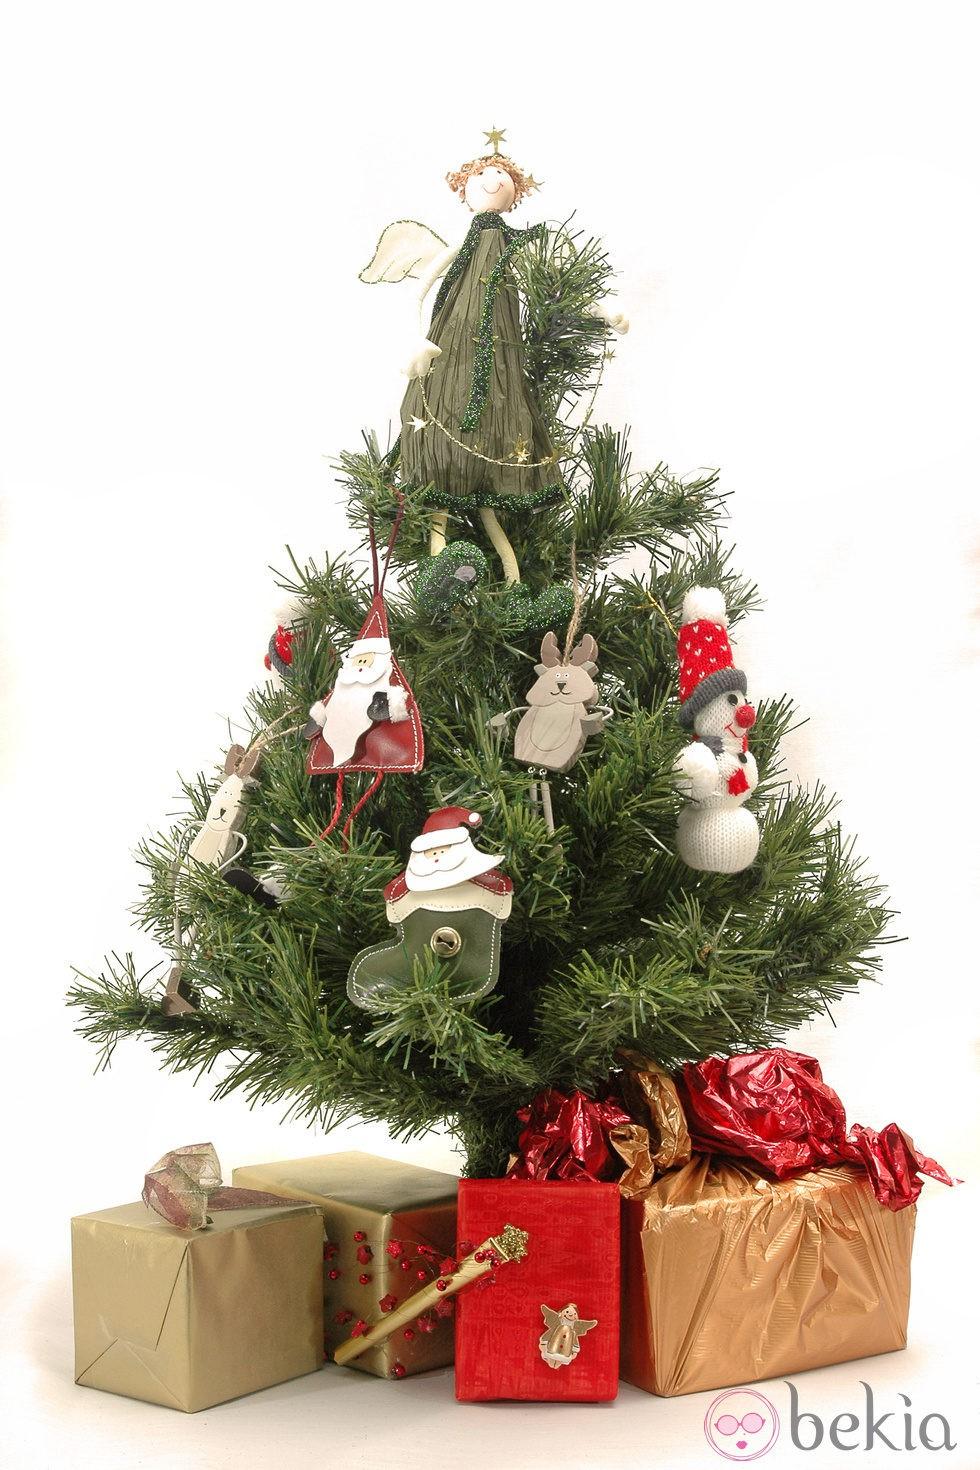 Rbol de navidad decorado con mu ecos de tem tica navide a - Imagenes de arboles navidad decorados ...